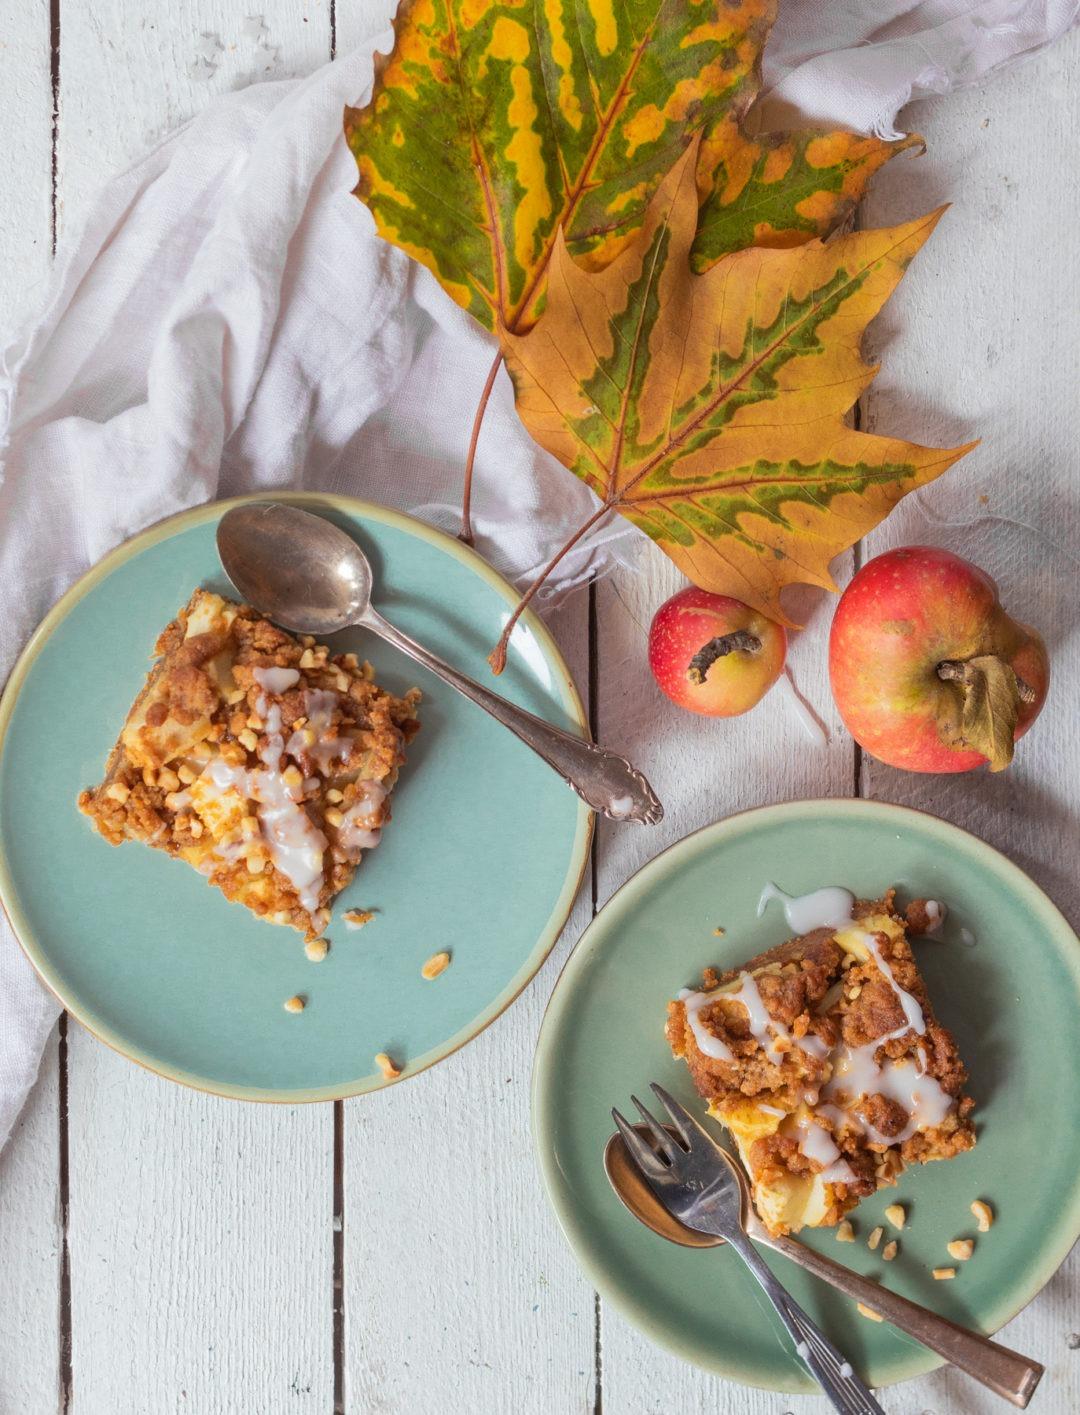 Apfelkuchen mit Streuseln vom Blech einfaches Rezept. Apfelkuchenstücke super saftig.